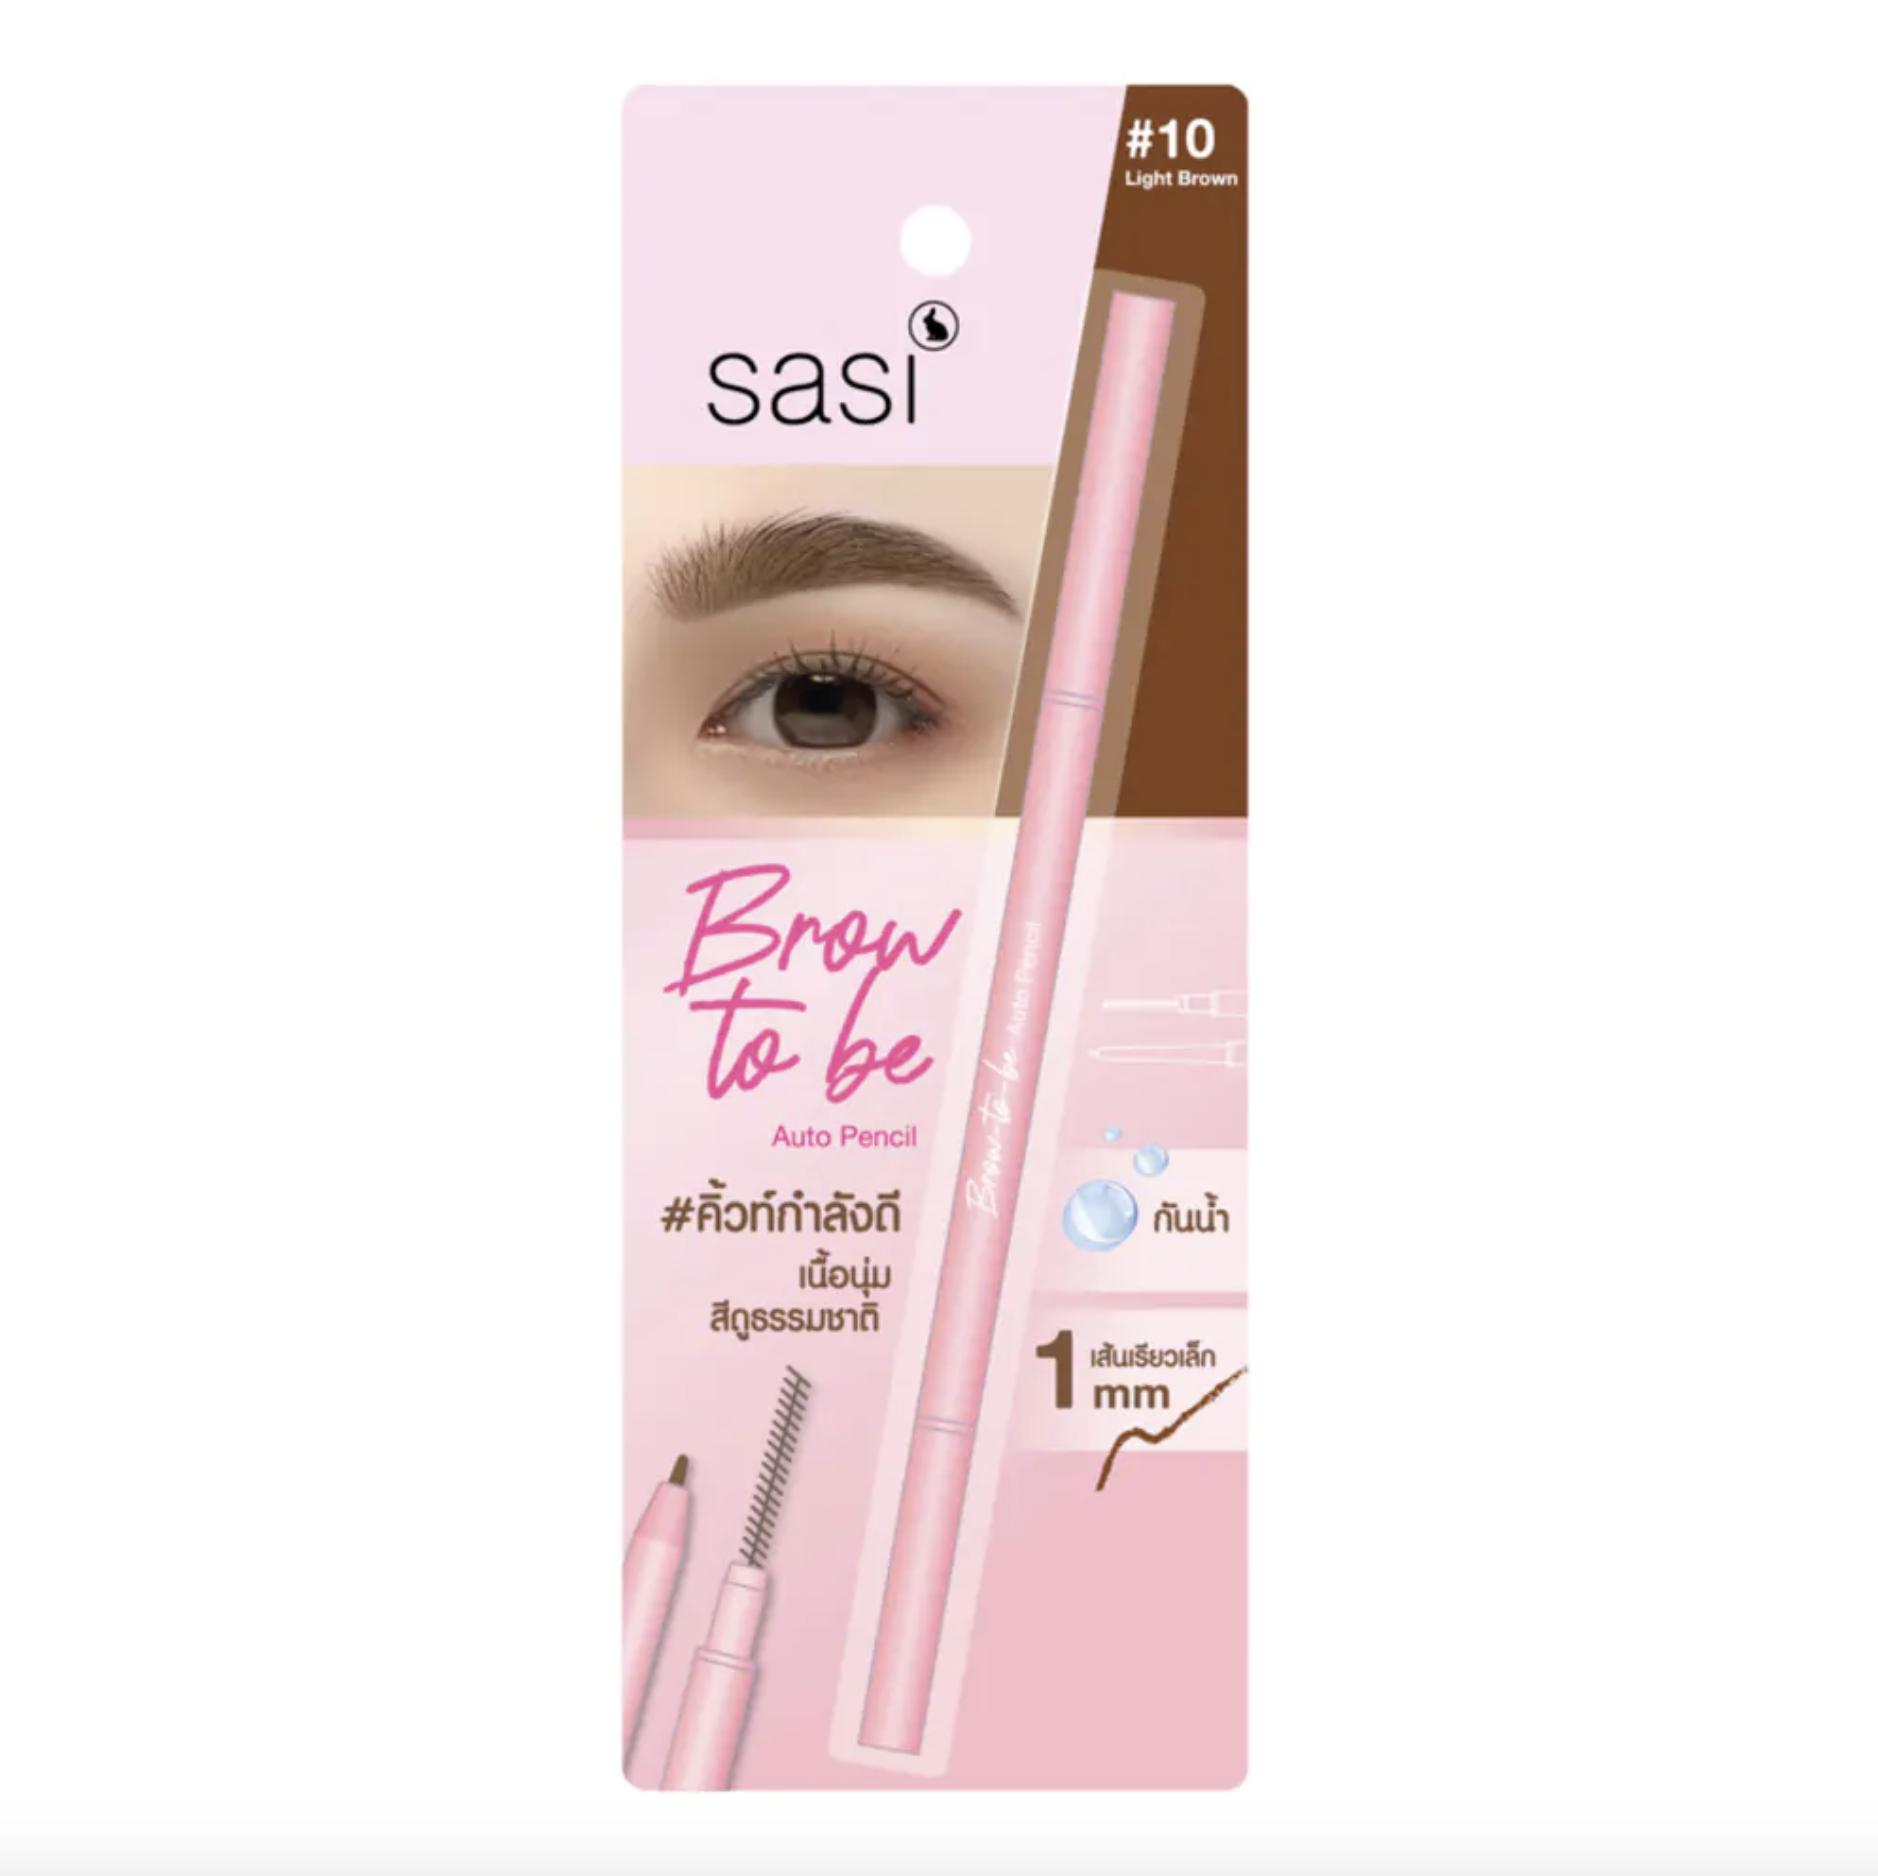 SASI Brow to be Auto Pencil